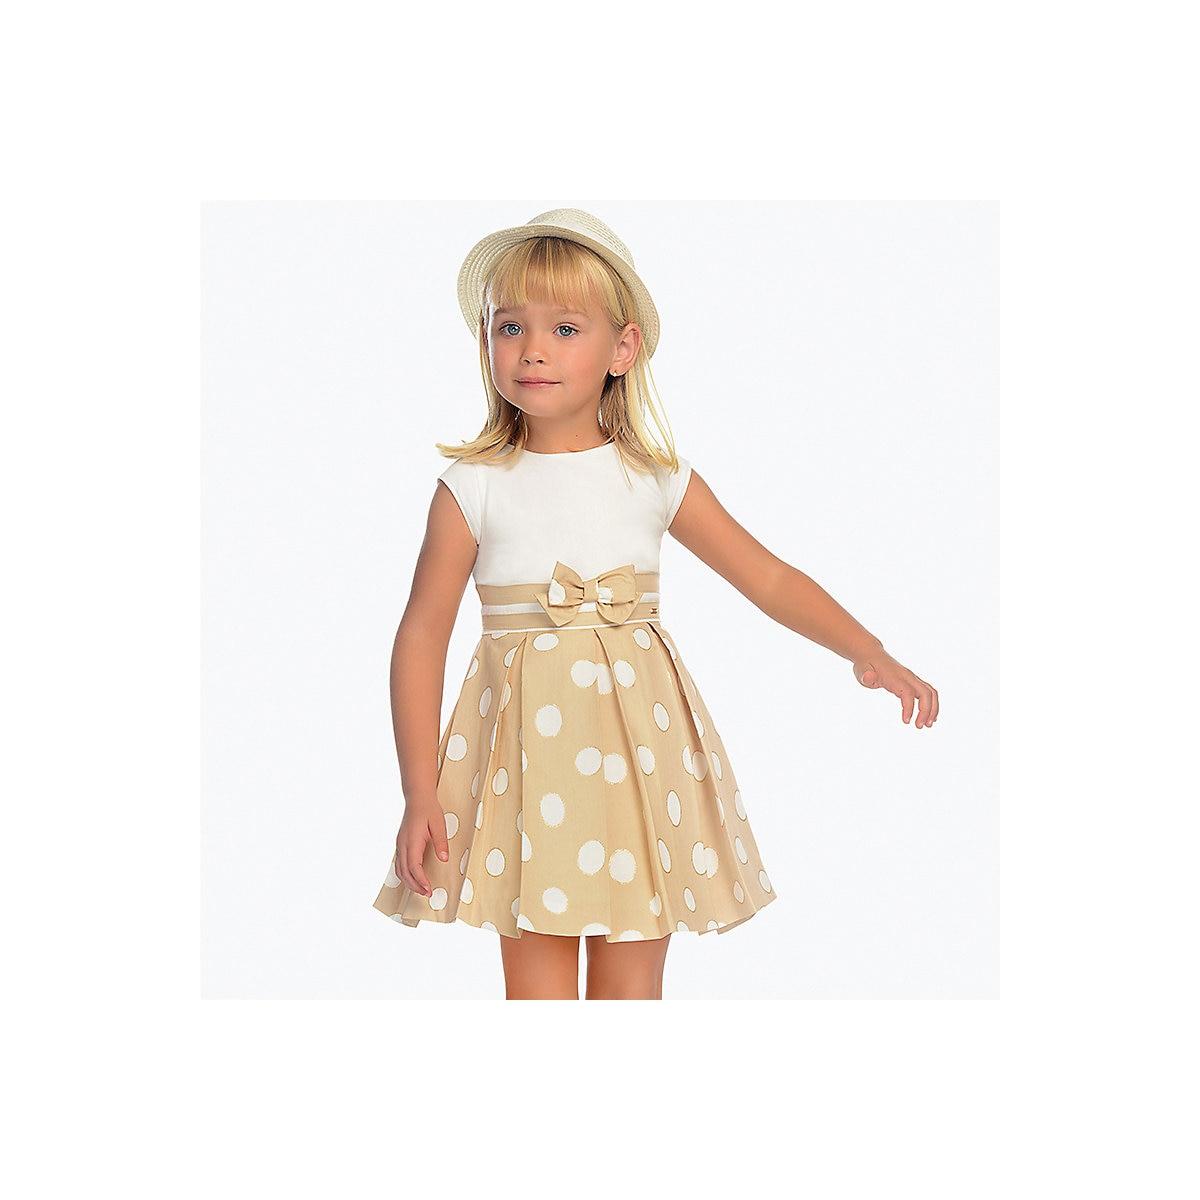 MAYORAL Dresses 10685082 Girl Children Party fitted pleated skirt Beige Cotton Preppy Style Dot Knee-Length Short Sleeve tribal style fringe hem short skirt